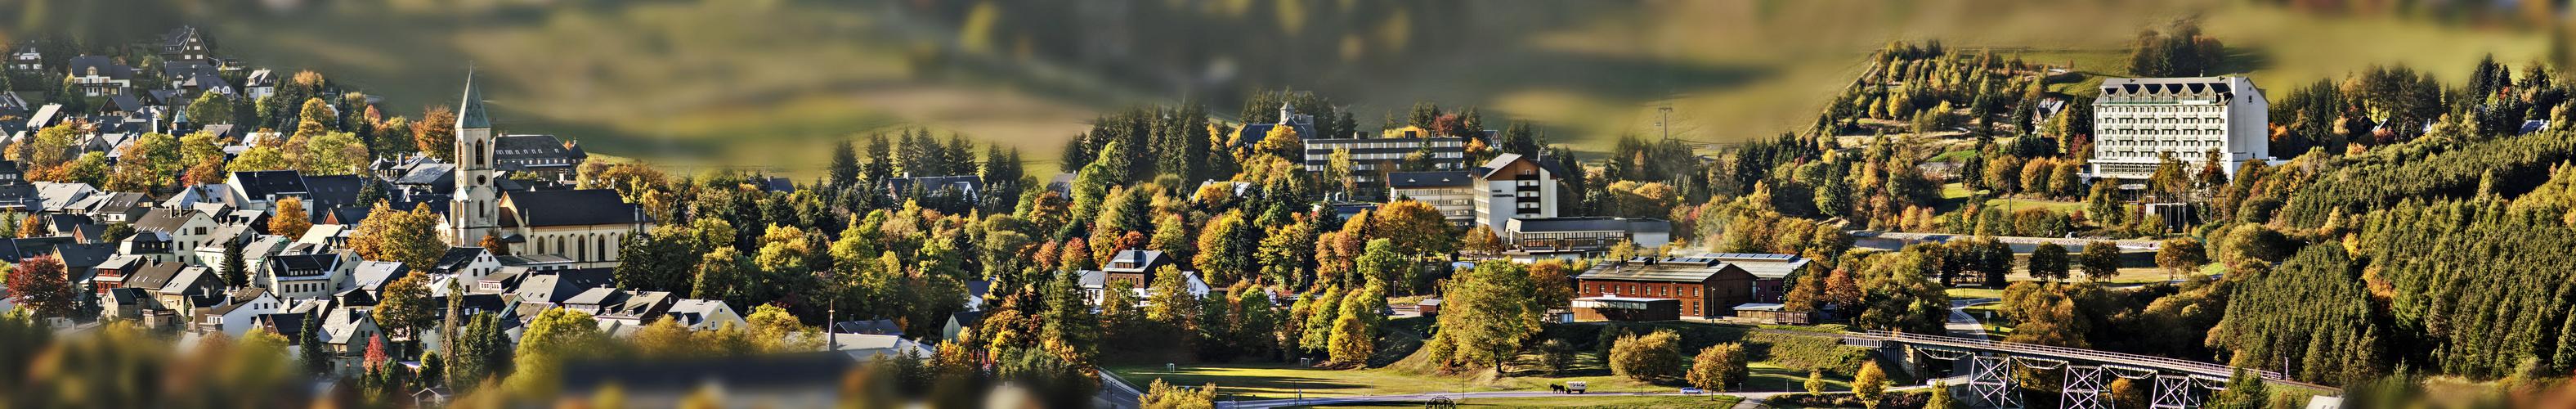 Stadtzentrum von Kurort Oberwiesenthal